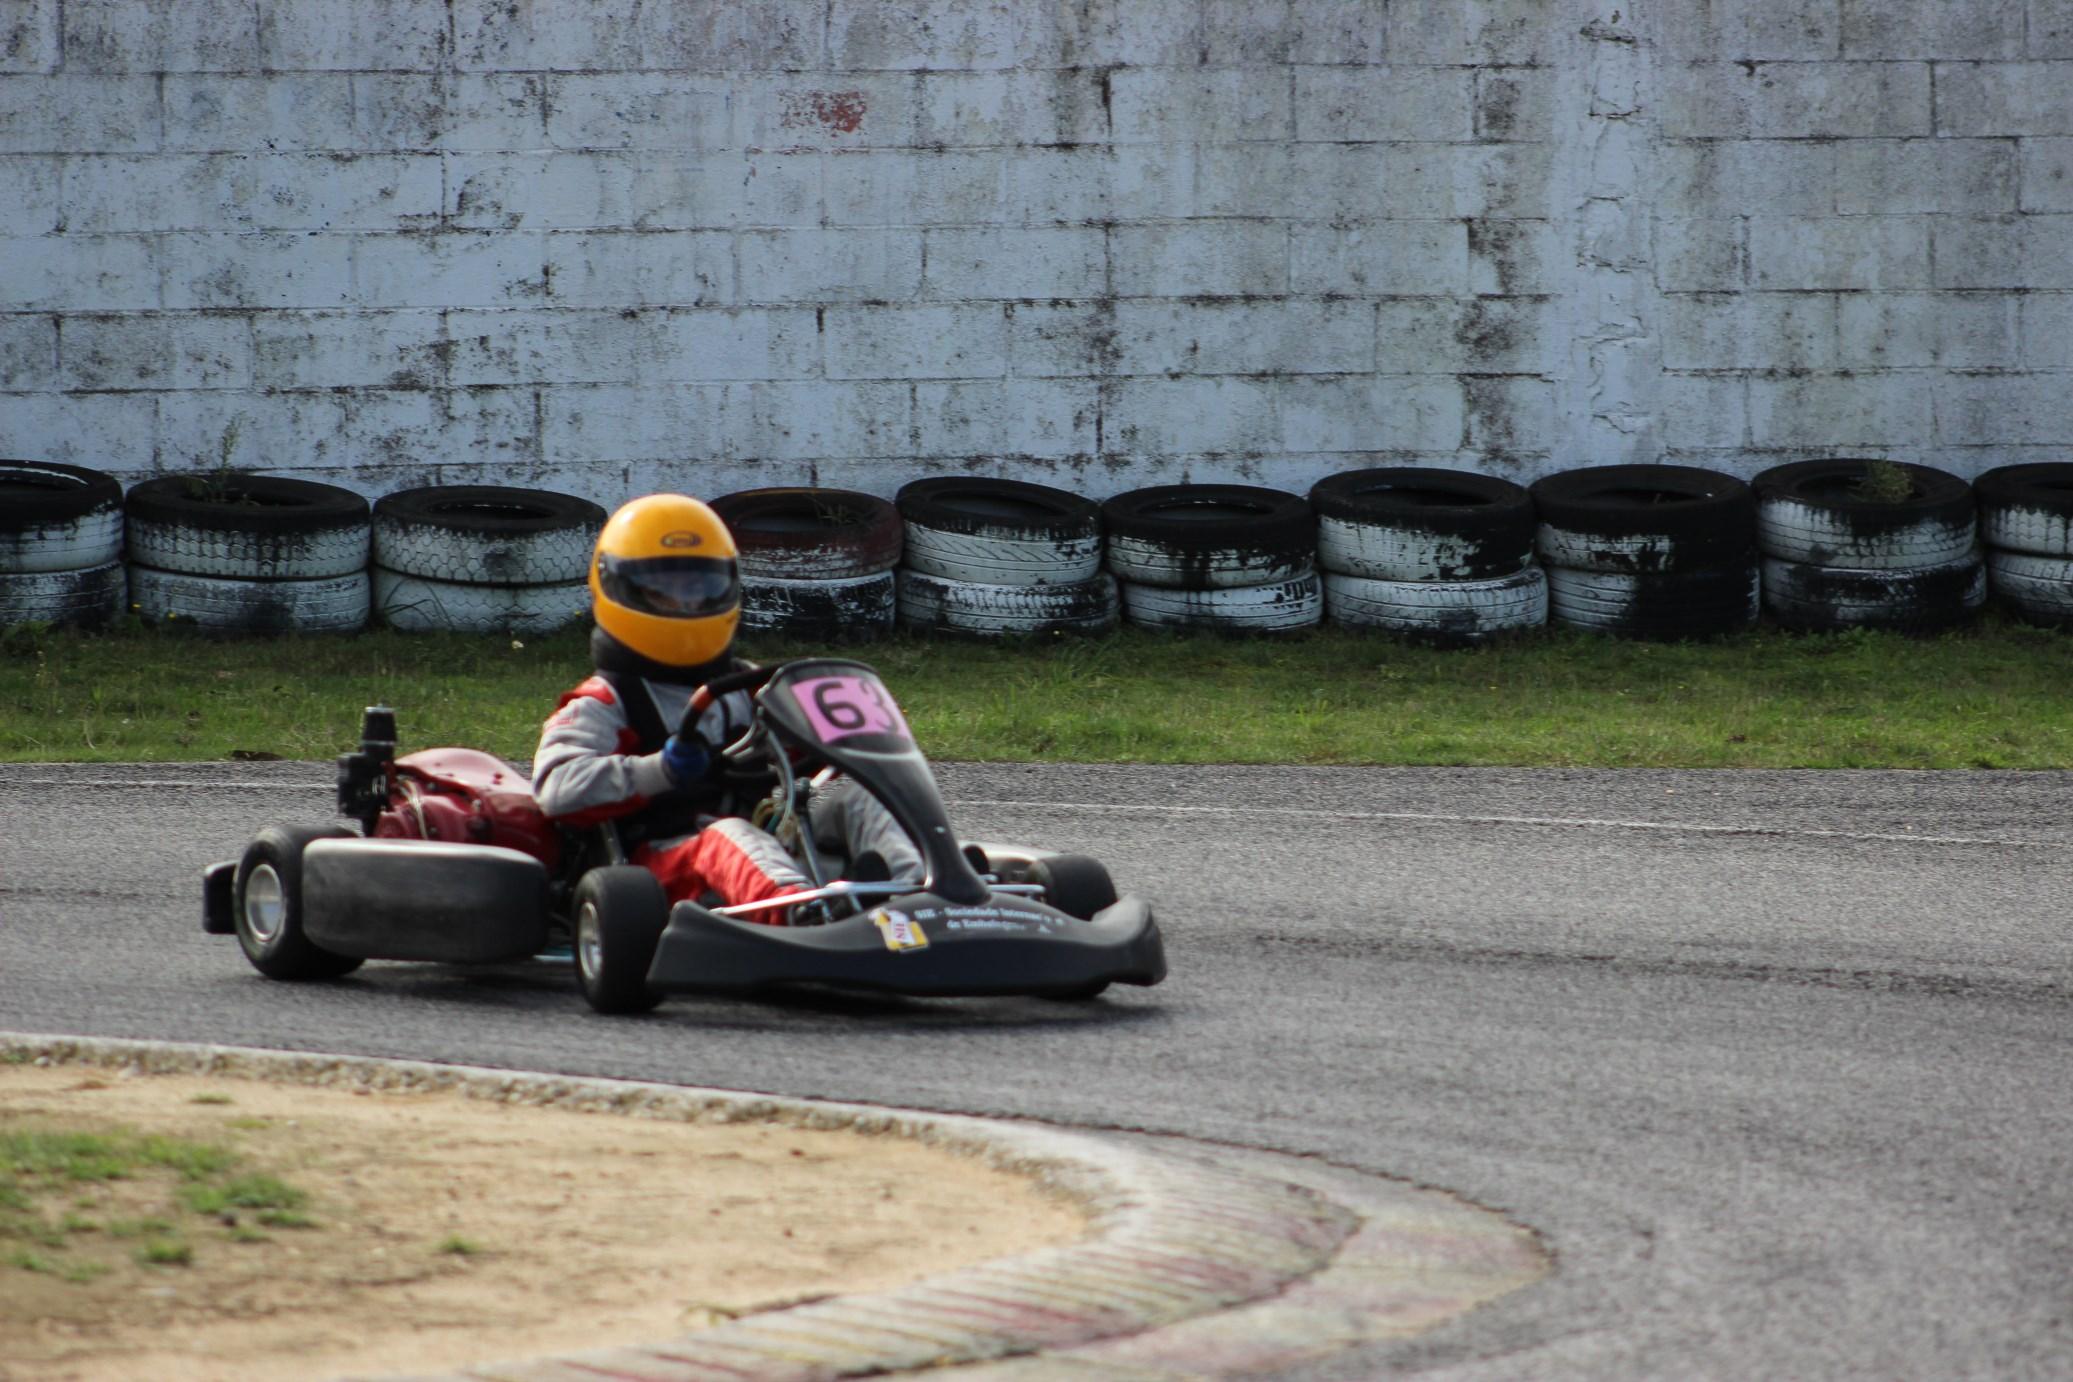 Troféu Honda 2014 - 4ª Prova105